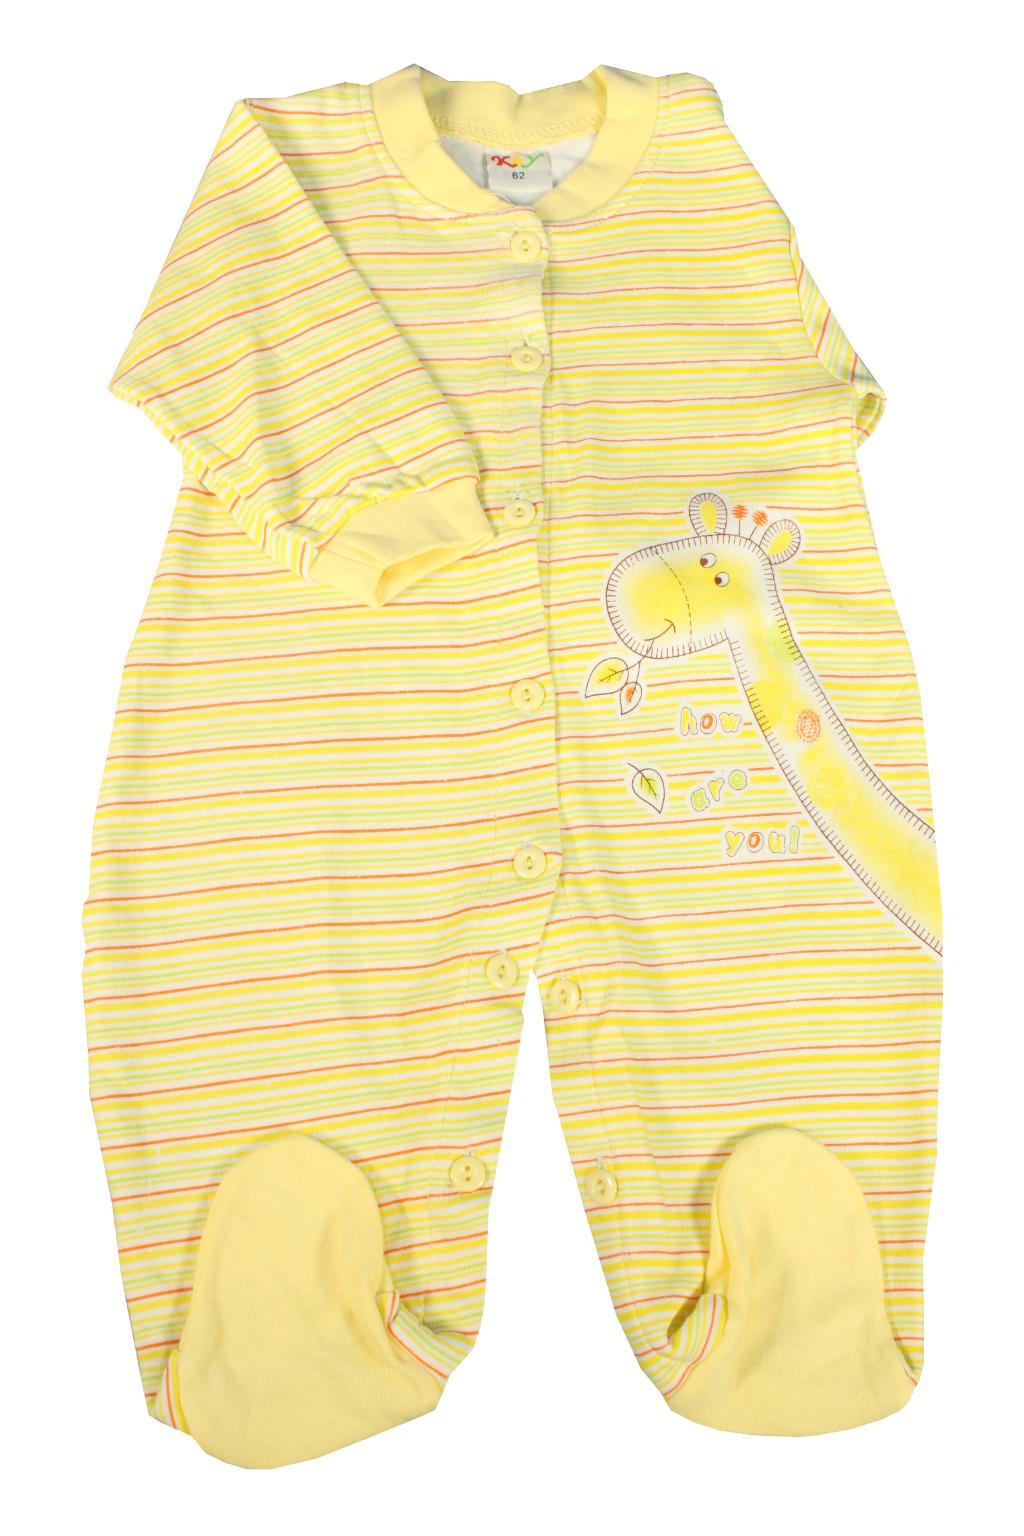 Baby Yellow proužkovaný dětský overal 0-3 měs žlutá